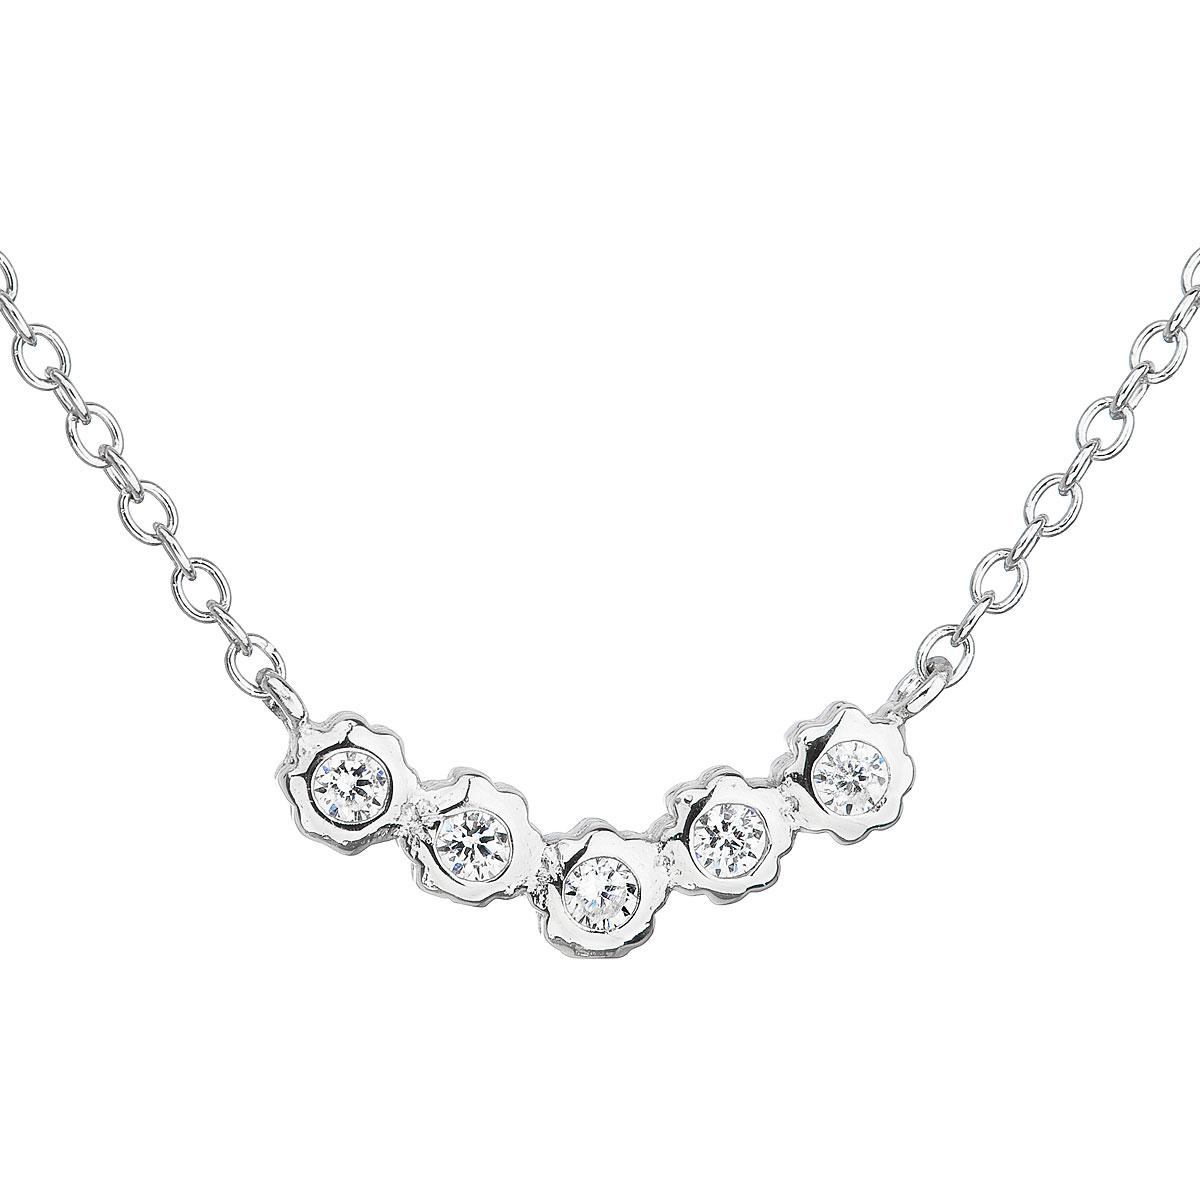 Stříbrný náhrdelník se zirkonem v bílé barvě 12014.1